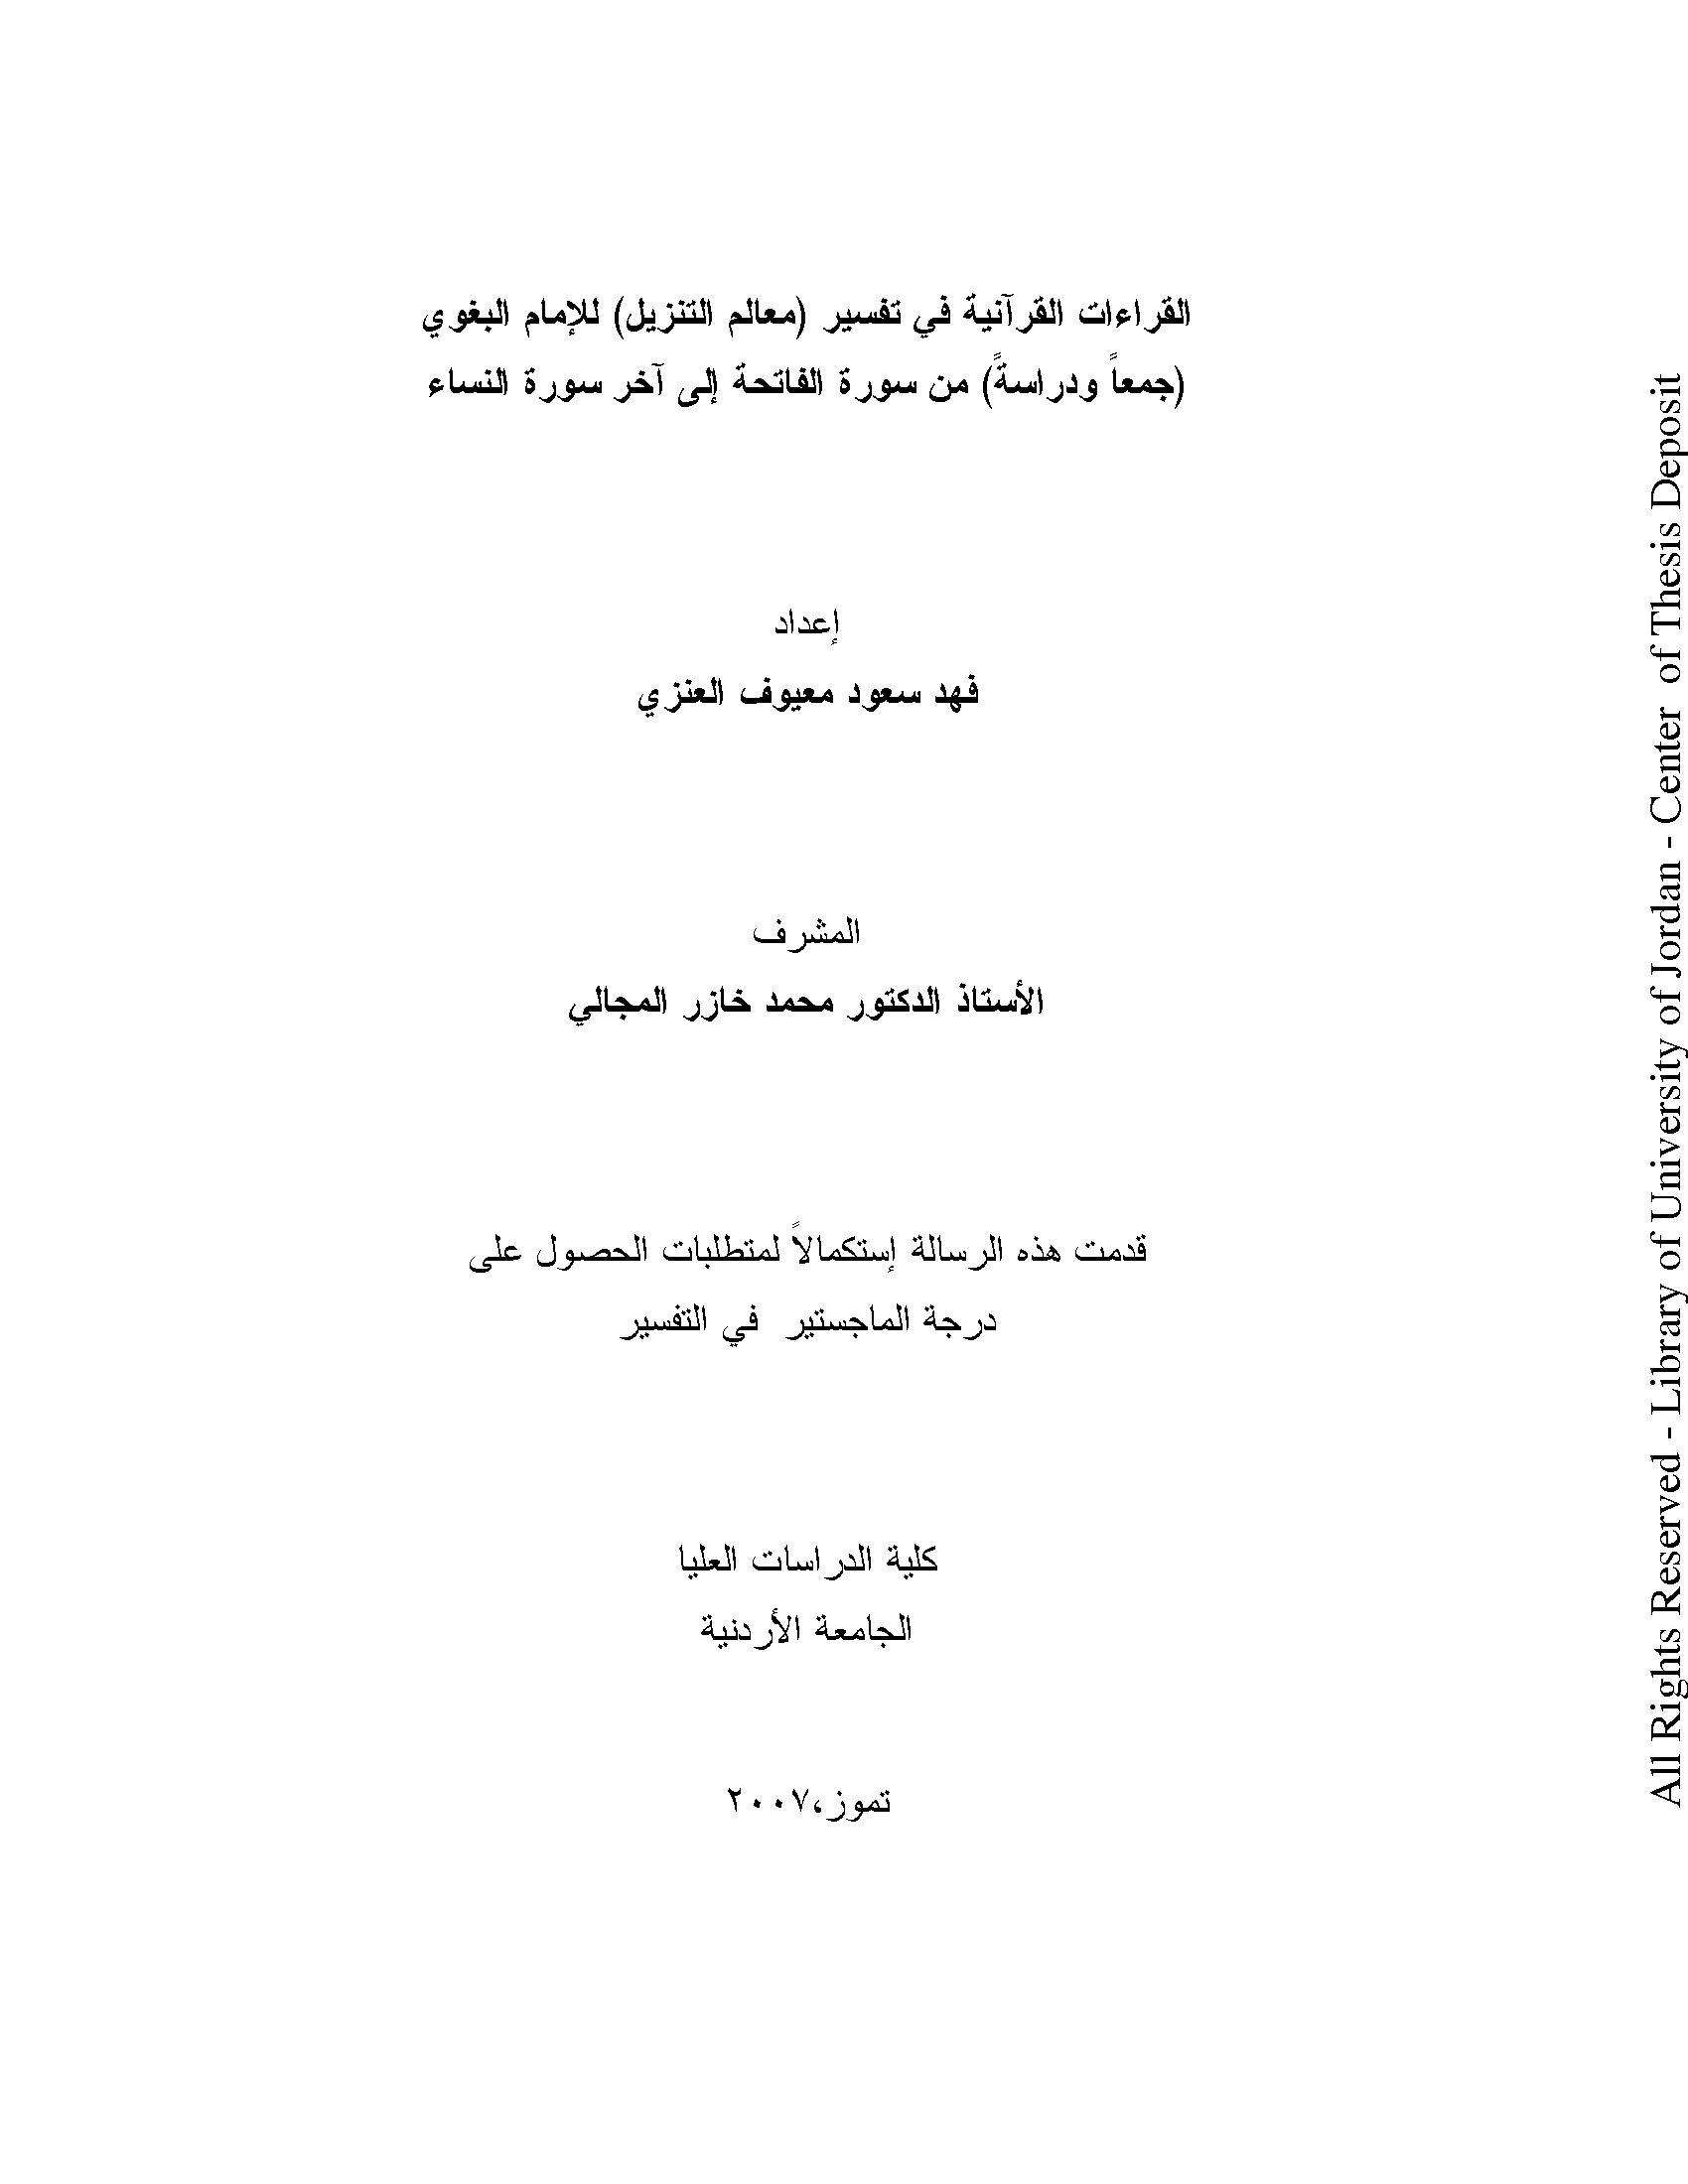 تحميل كتاب القراءات القرآنية في تفسير «معالم التنزيل» للإمام البغوي جمعًا ودراسة من سورة الفاتحة إلى آخر سورة النساء لـِ: فهد سعود معيوف العنزي